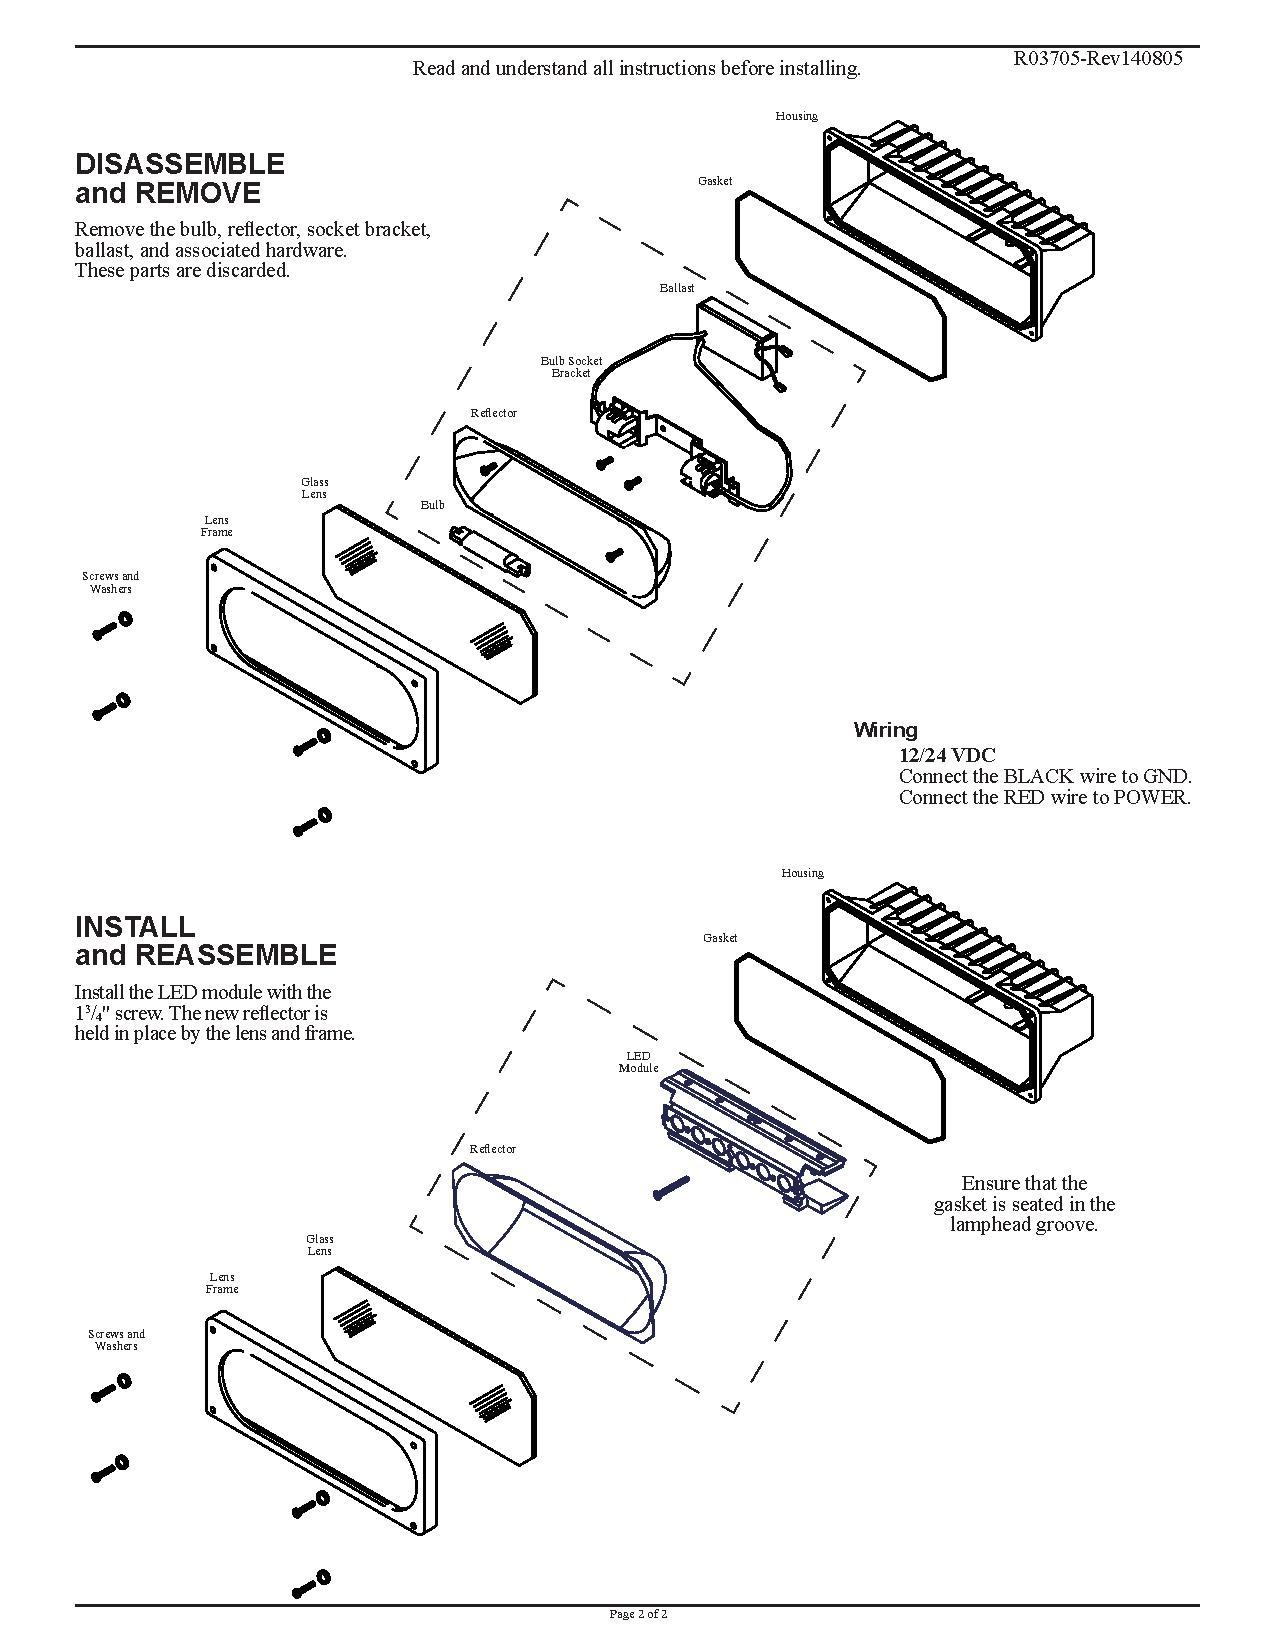 Led Insert Retro Fit Kit For Magnafire Lighthead